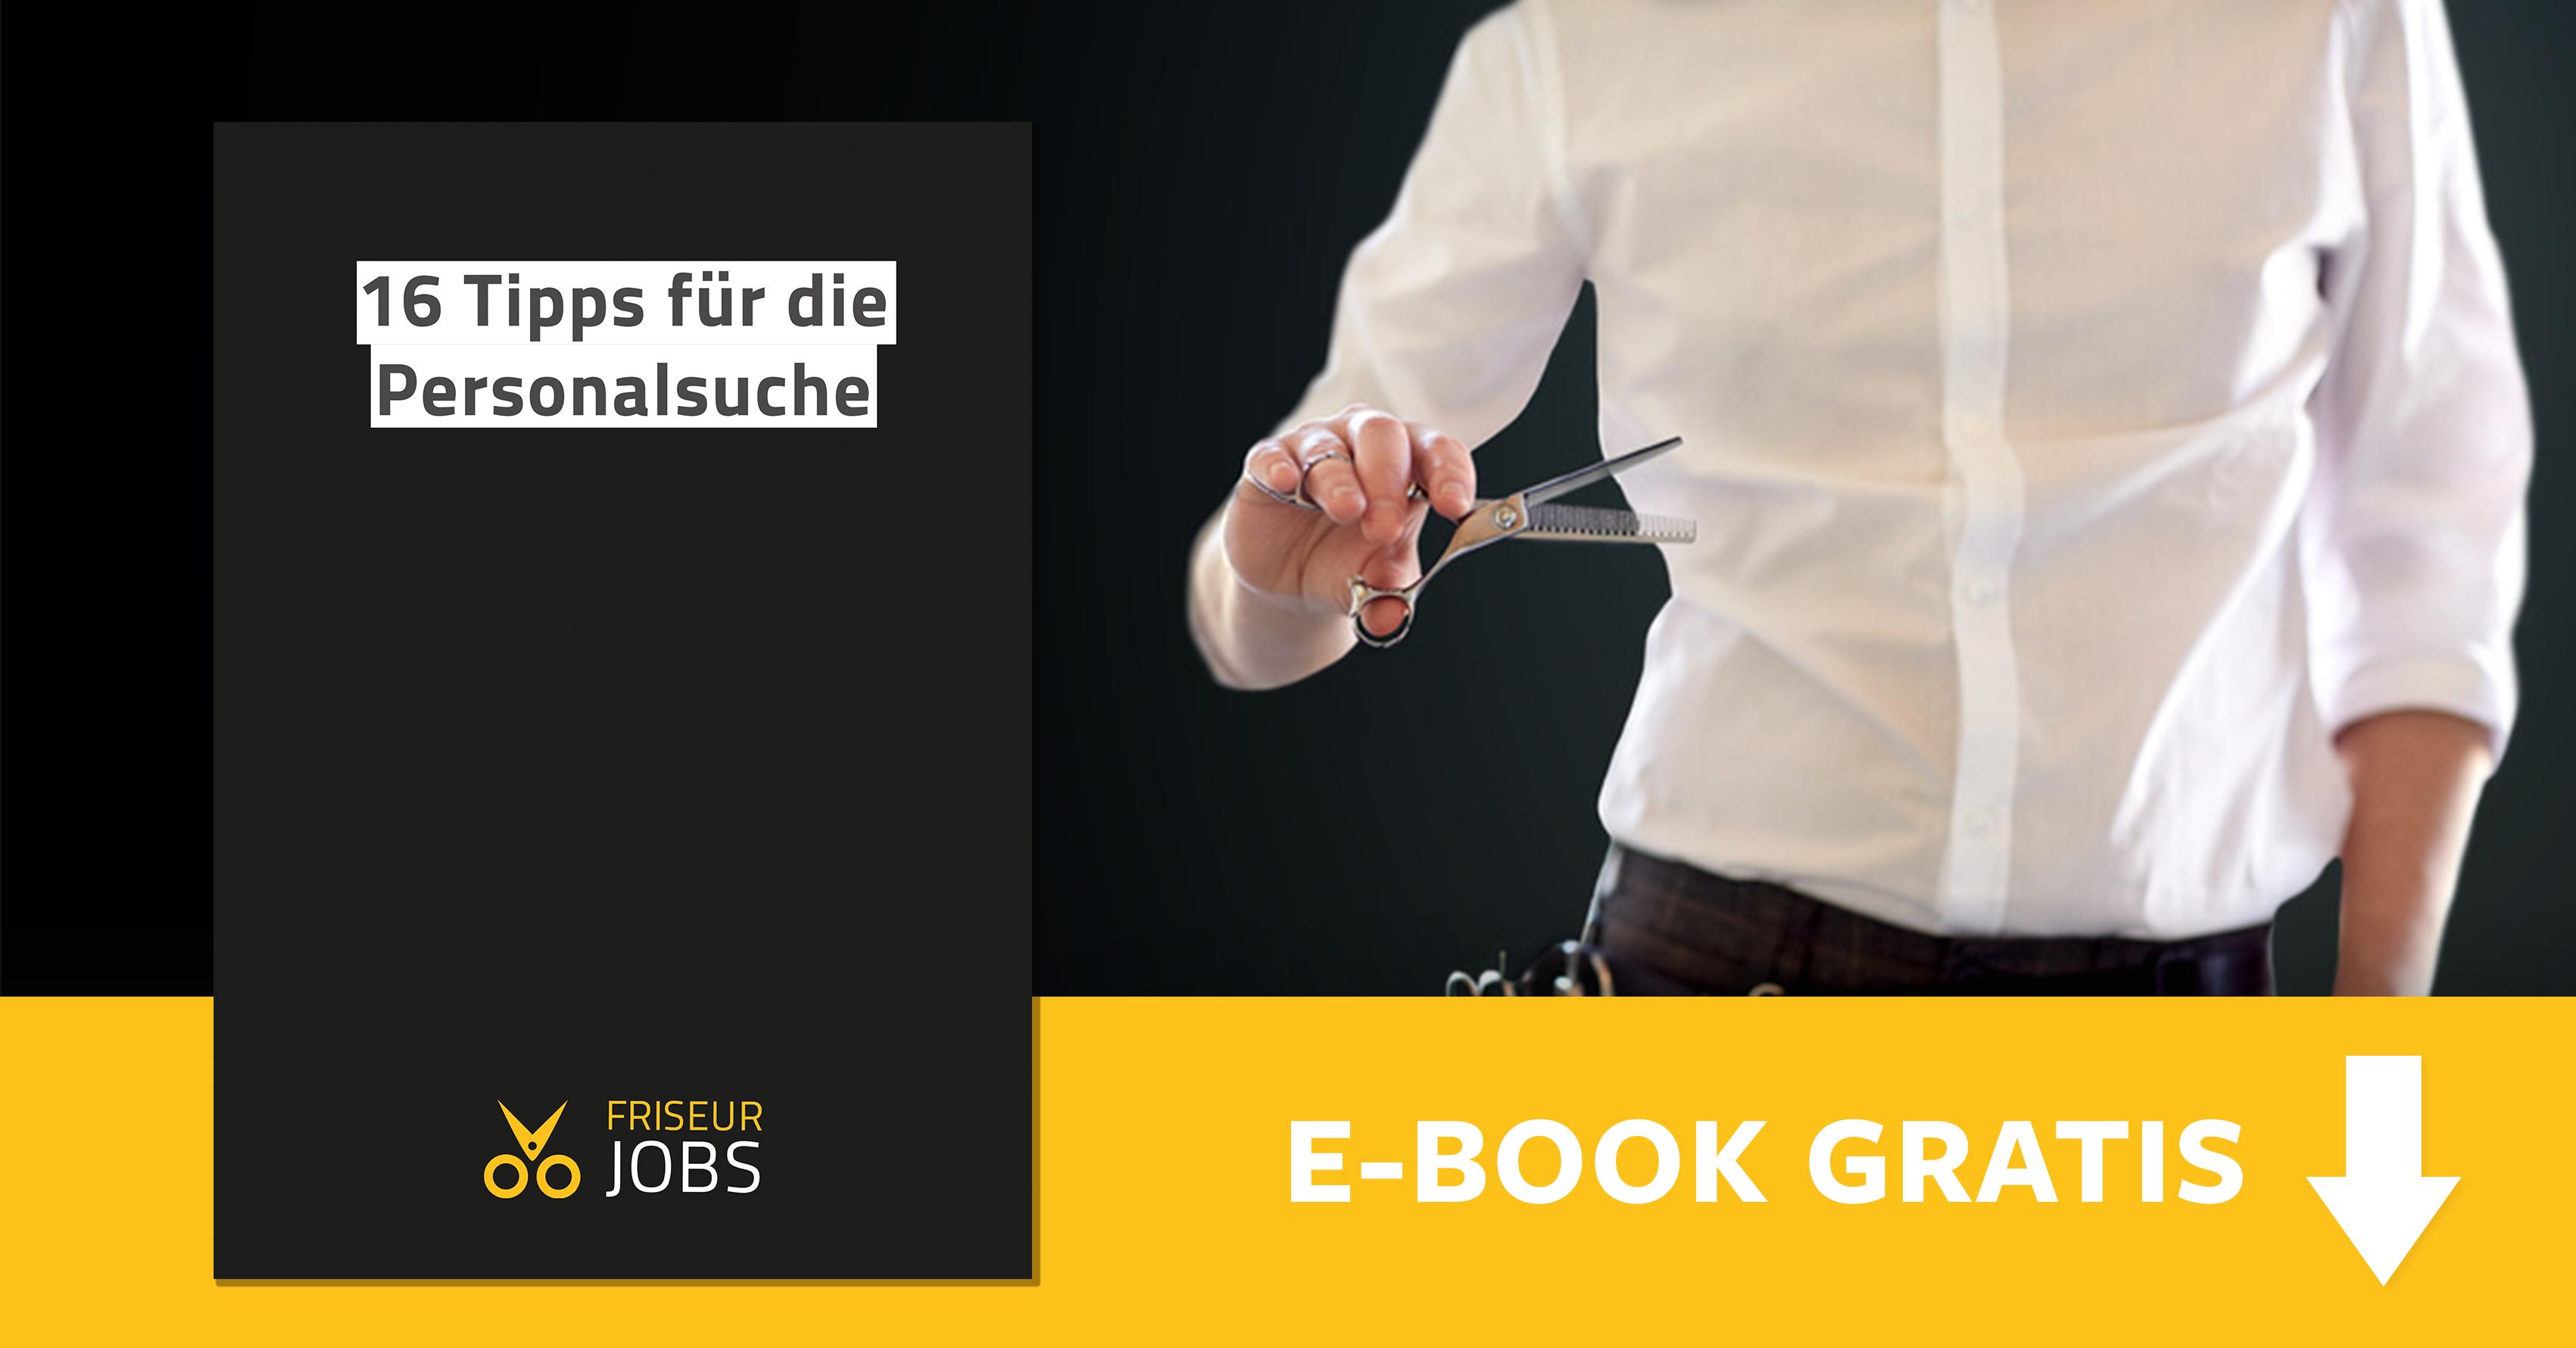 facebook-werbeanzeigen_16-tipps-personalsuche_07